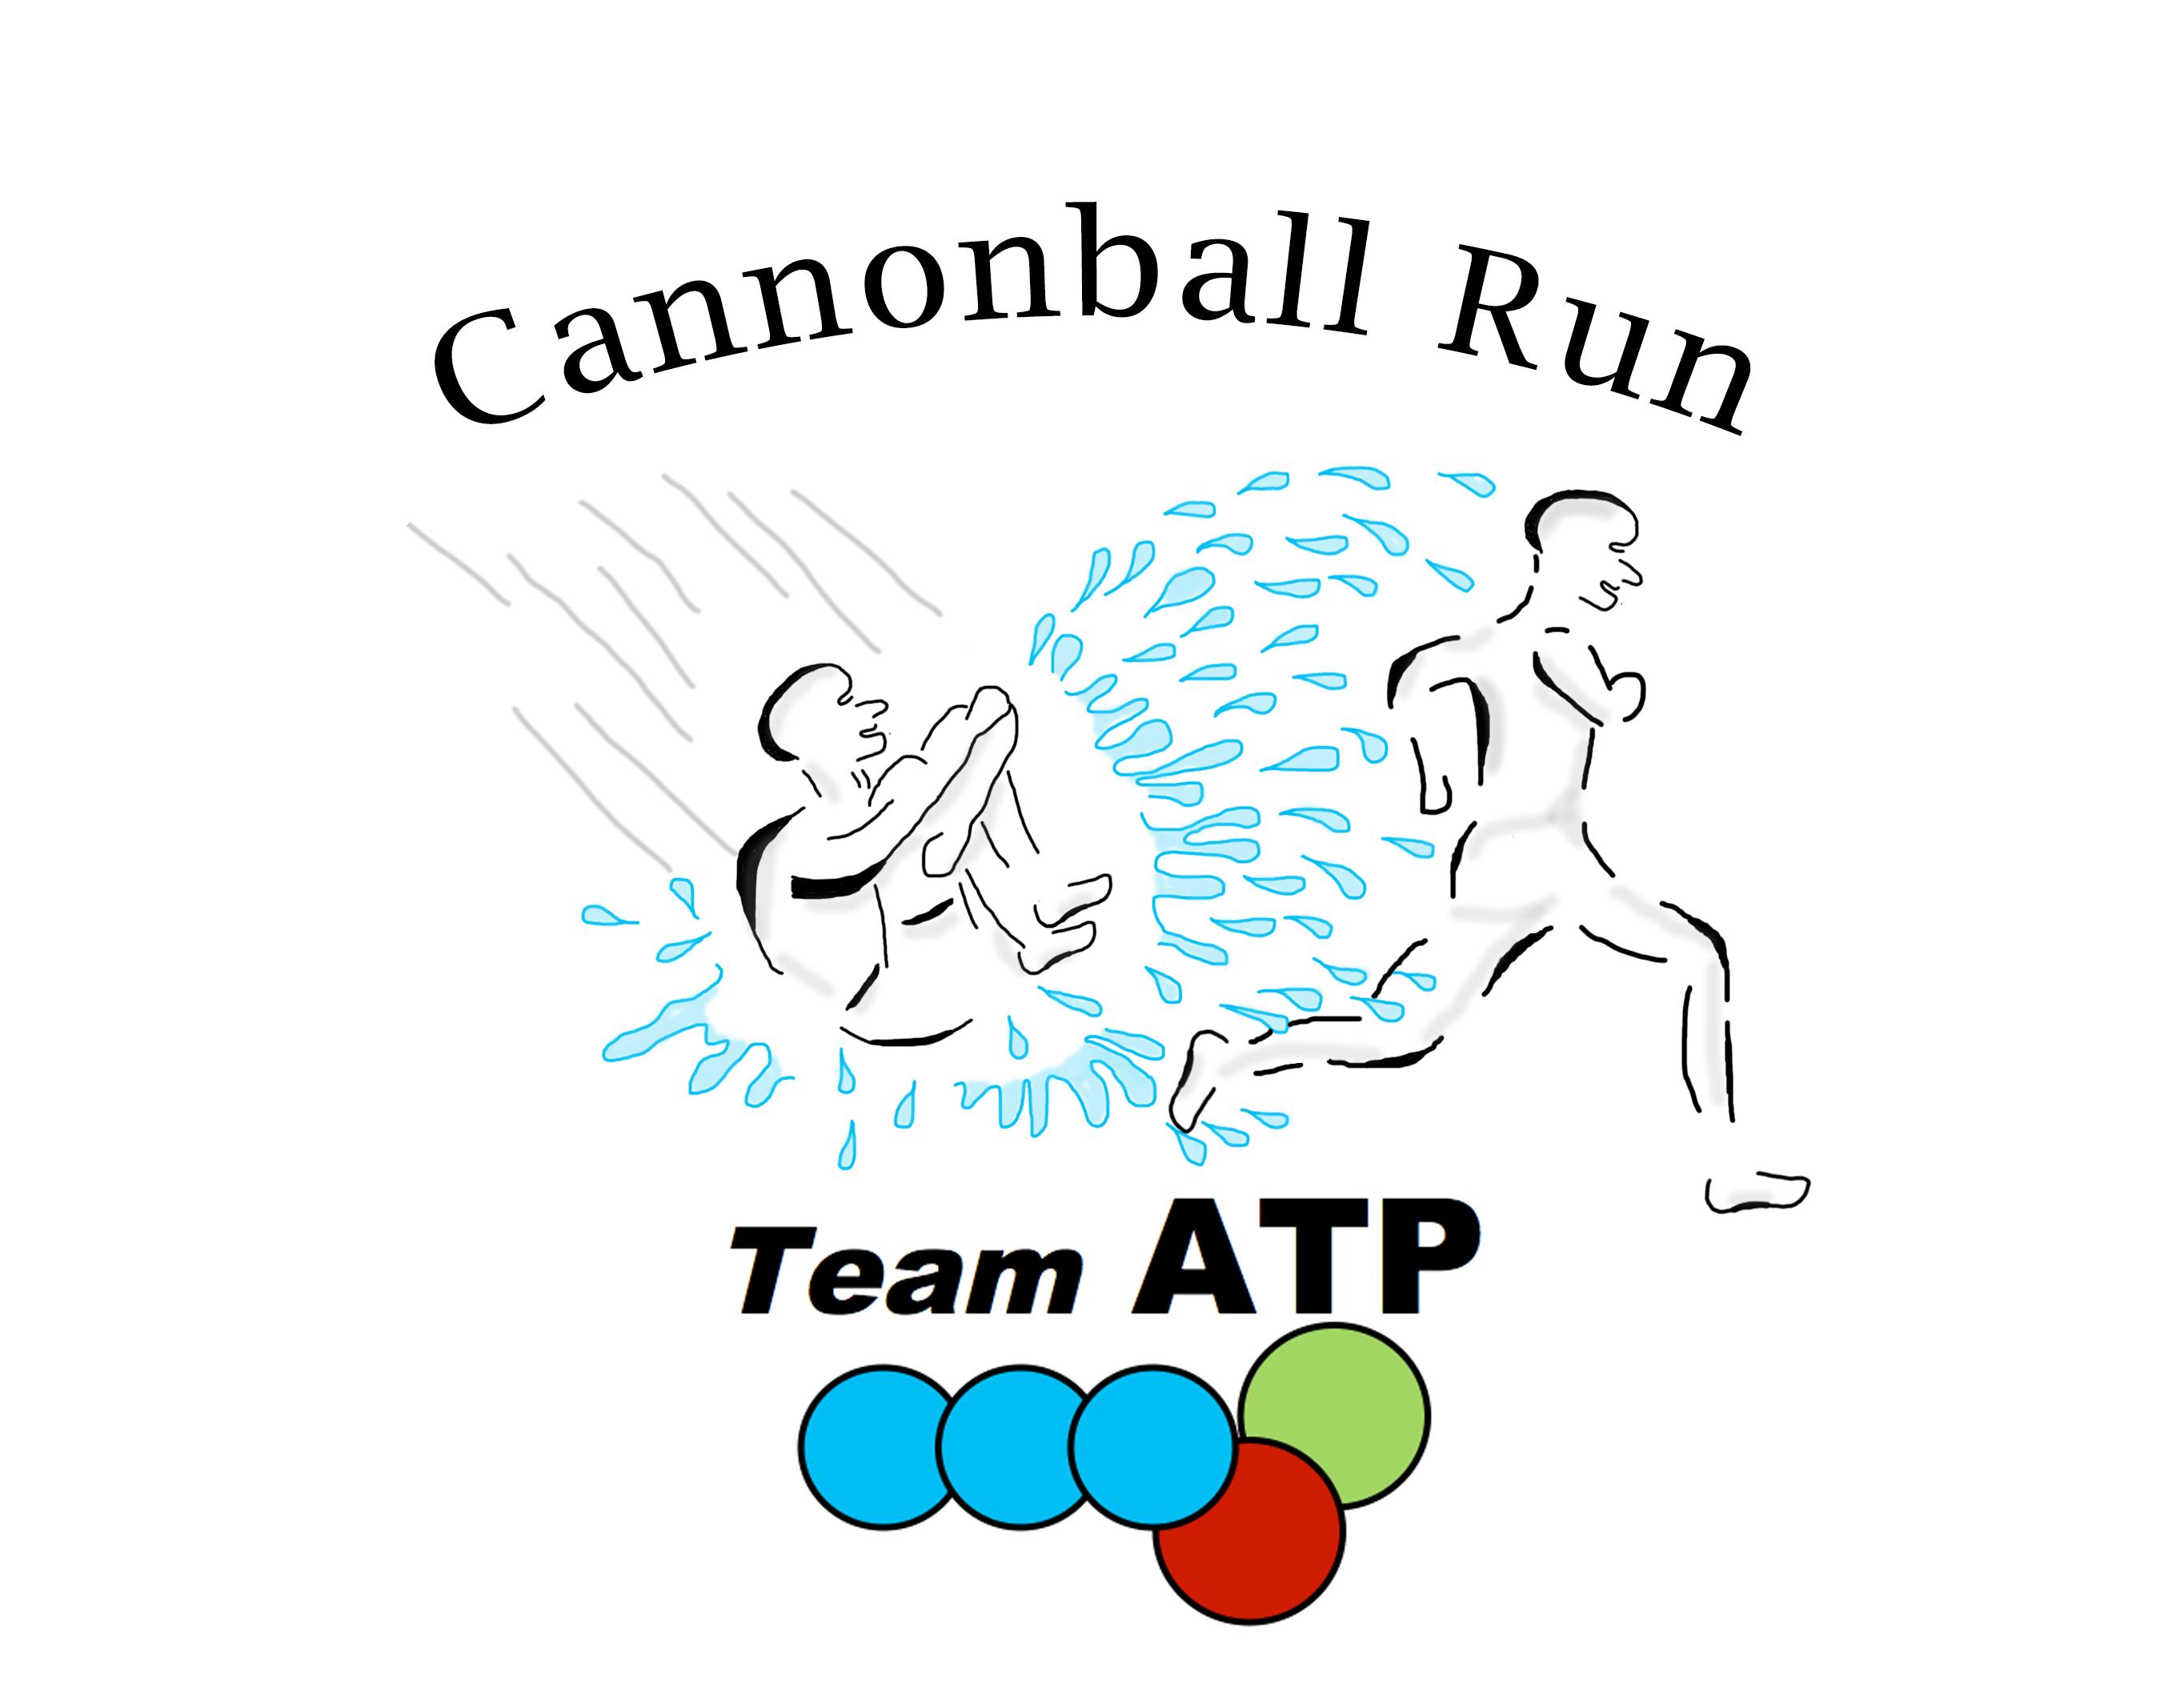 Team-ATP Event